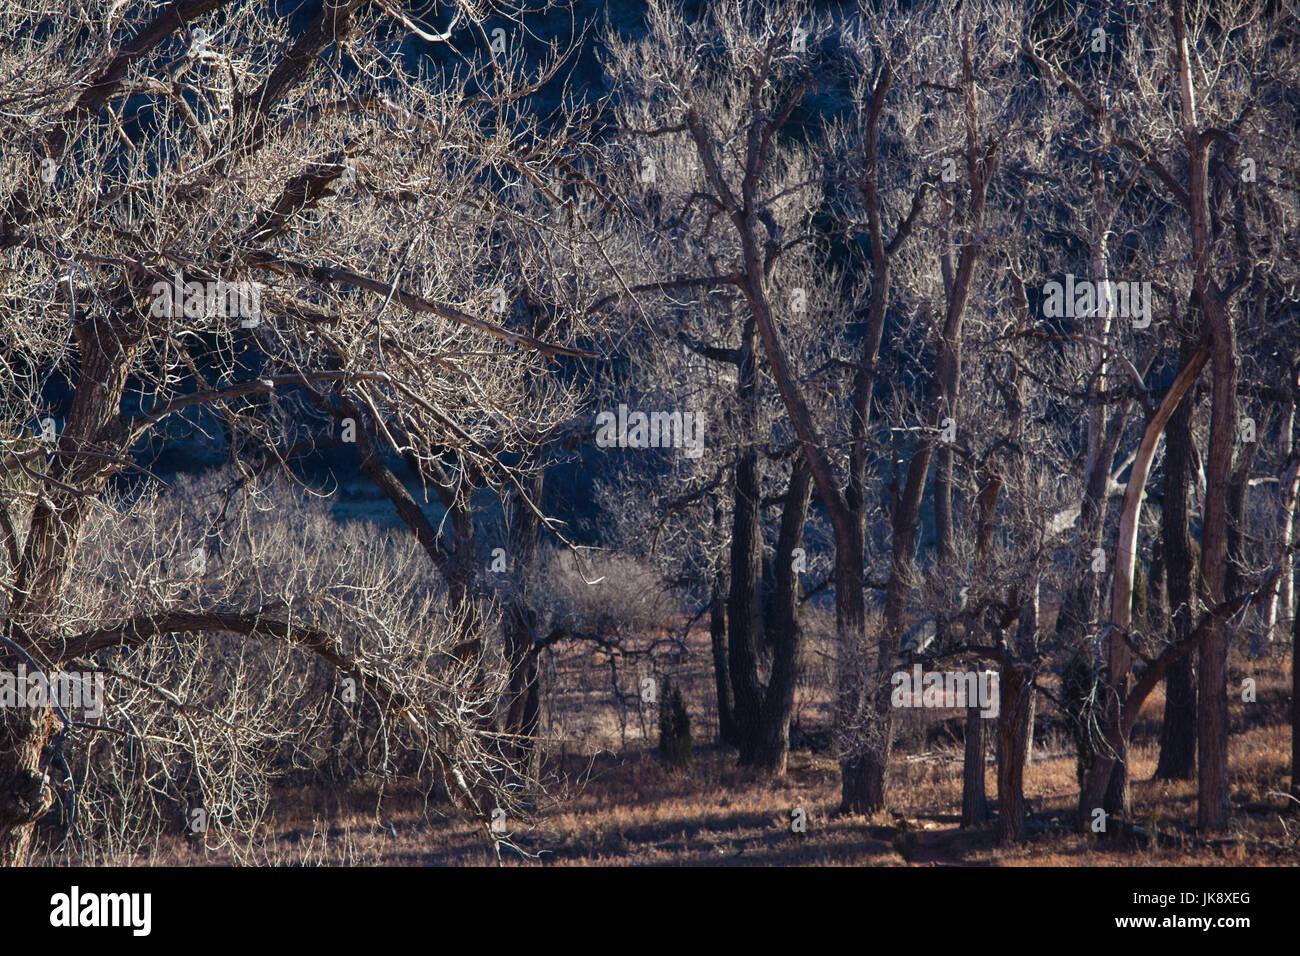 USA, Colorado, Colorado Springs, Garden of the Gods, trees, winter - Stock Image